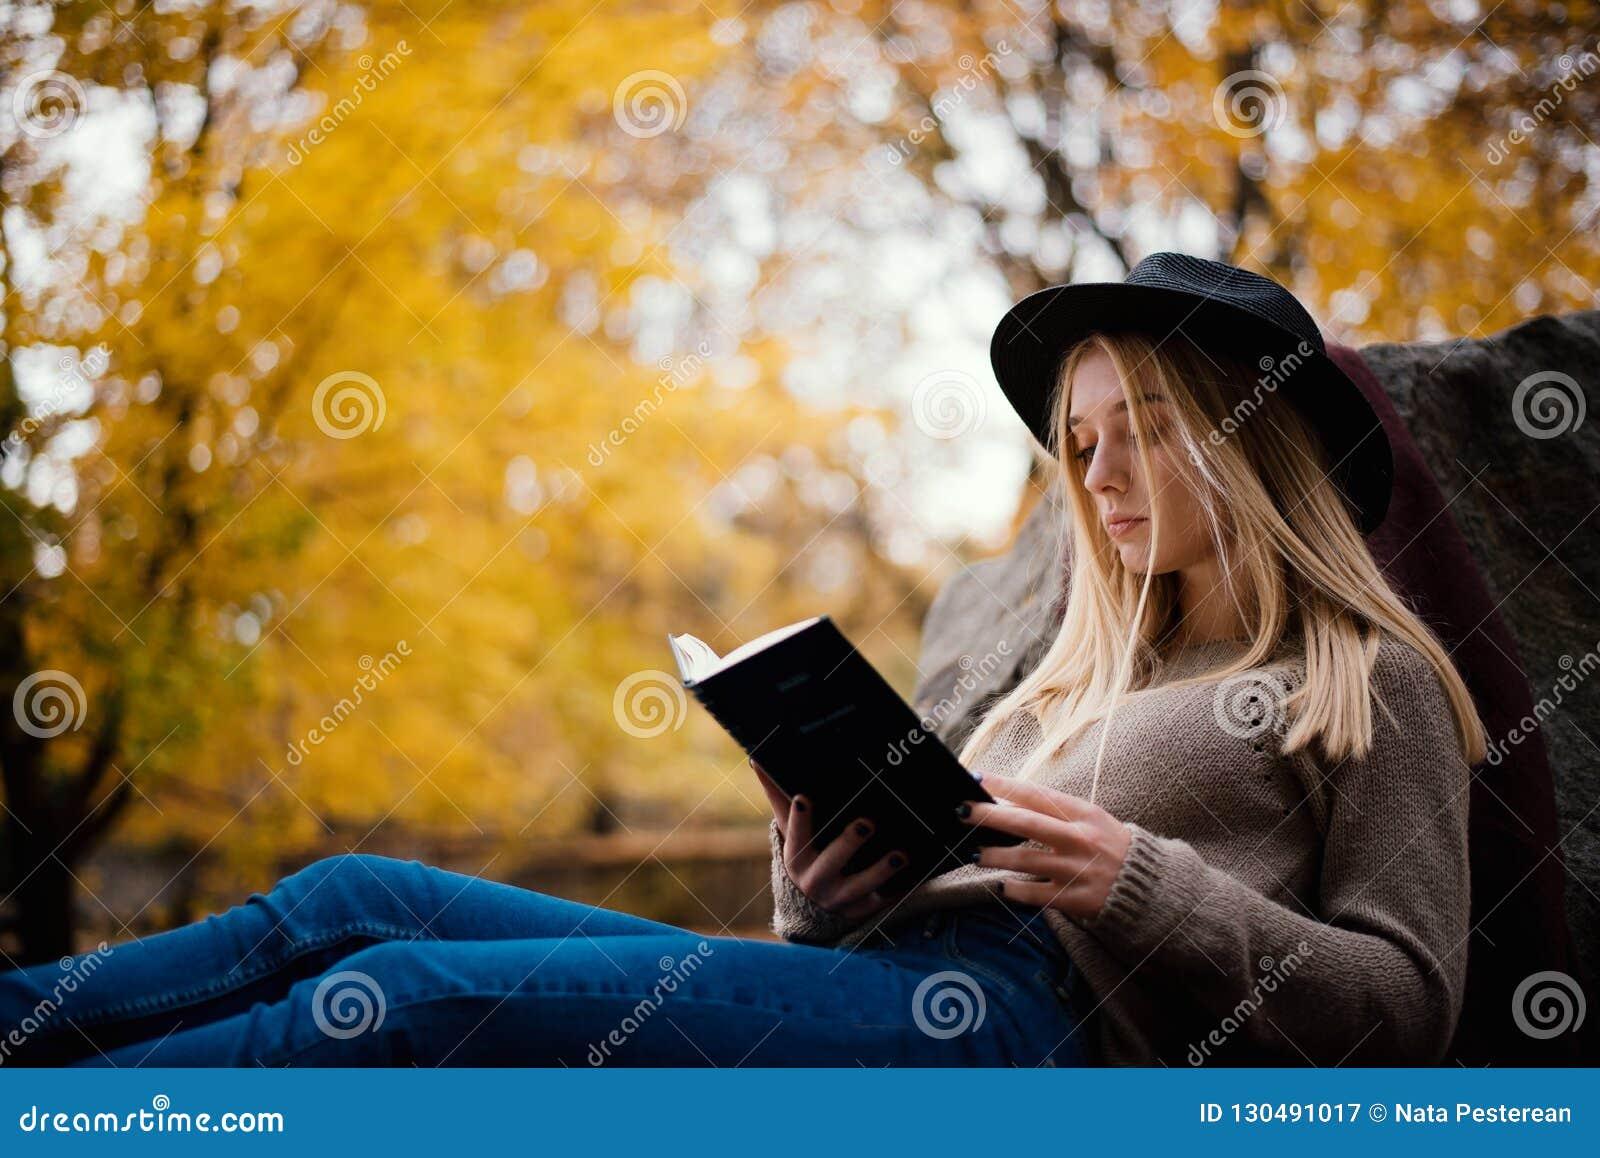 Piękna młoda blondynka w kapeluszowym obsiadaniu na jesieni spadać liściach w parku, czyta książkę